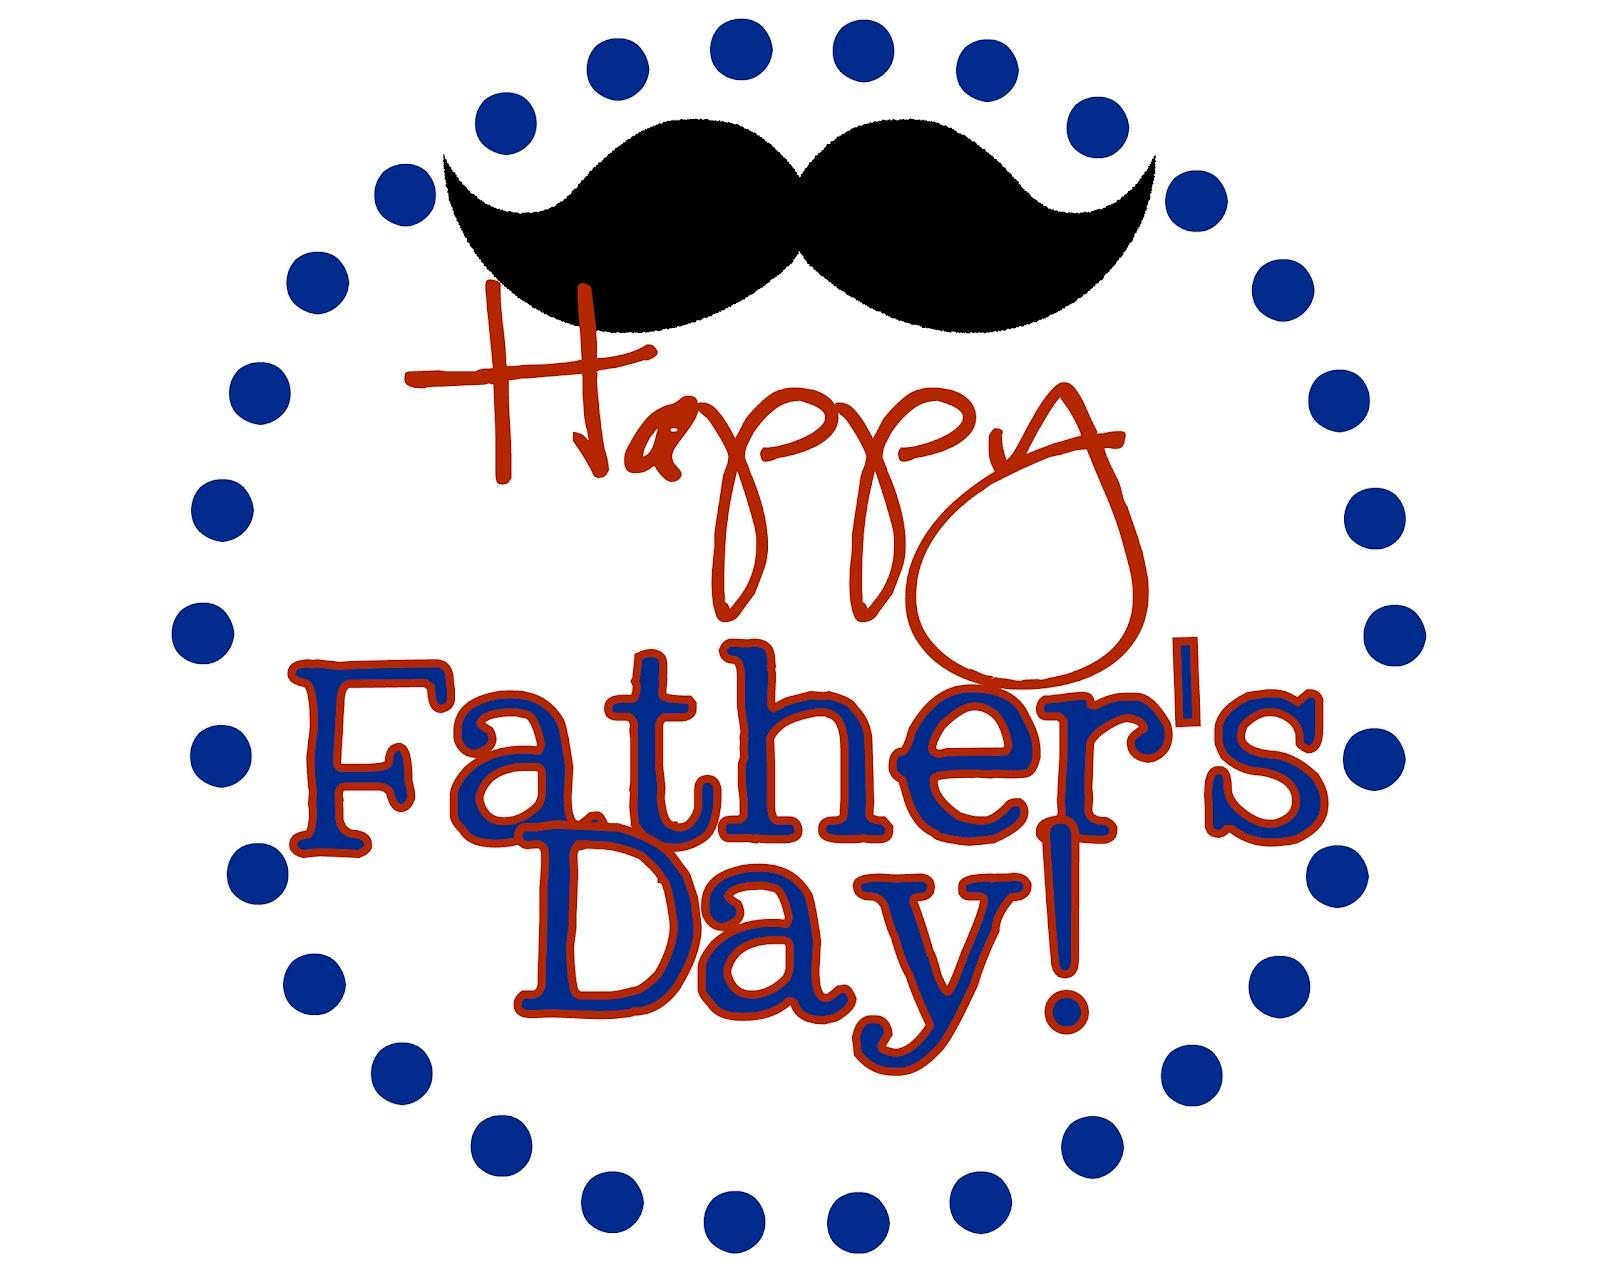 عکس روز پدر برای پروفایل